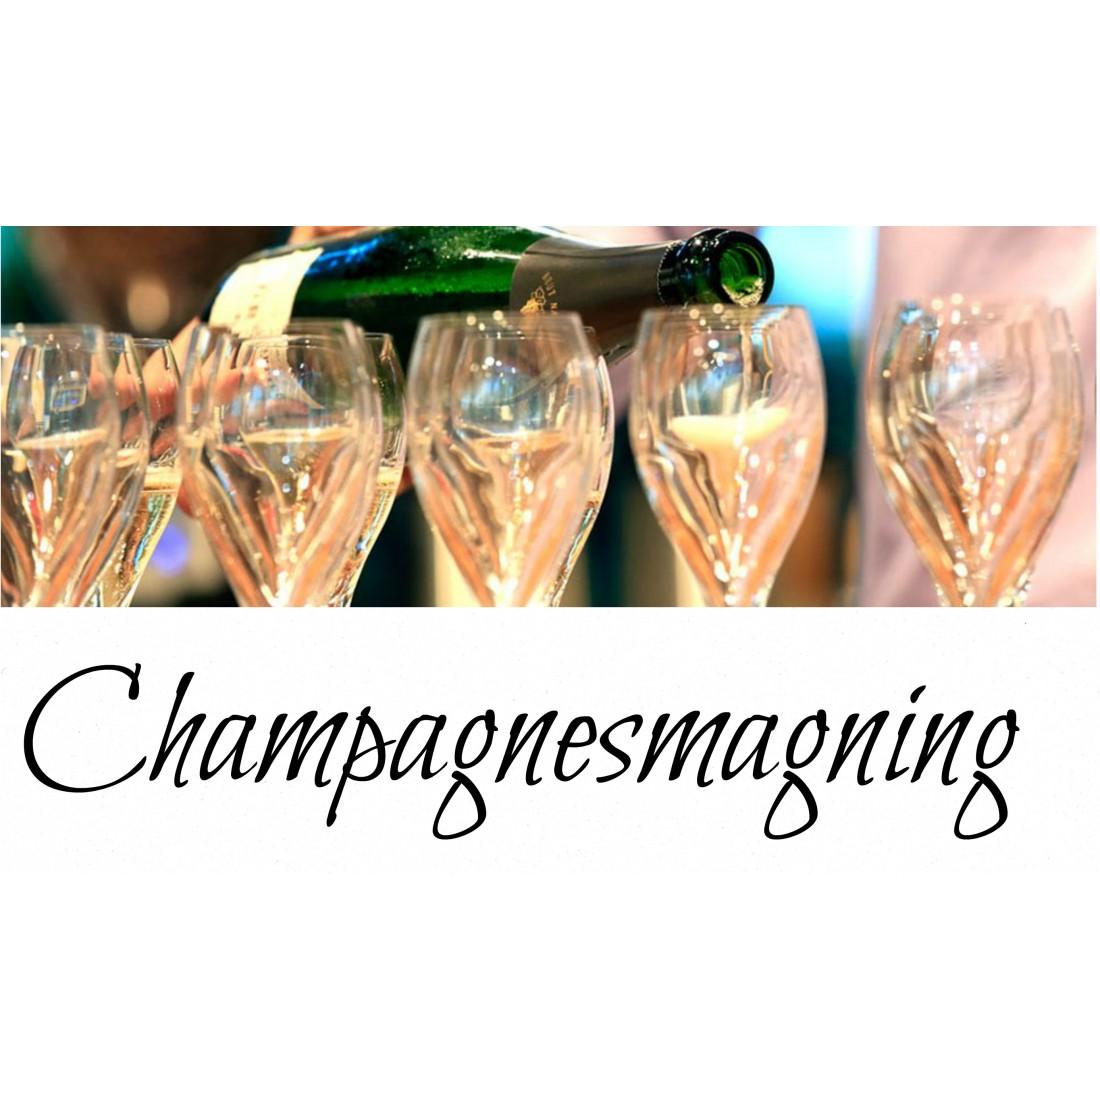 Champagnesmagning lørdag den 11 juli kl. 19.00 I ChampagneKælderen-31